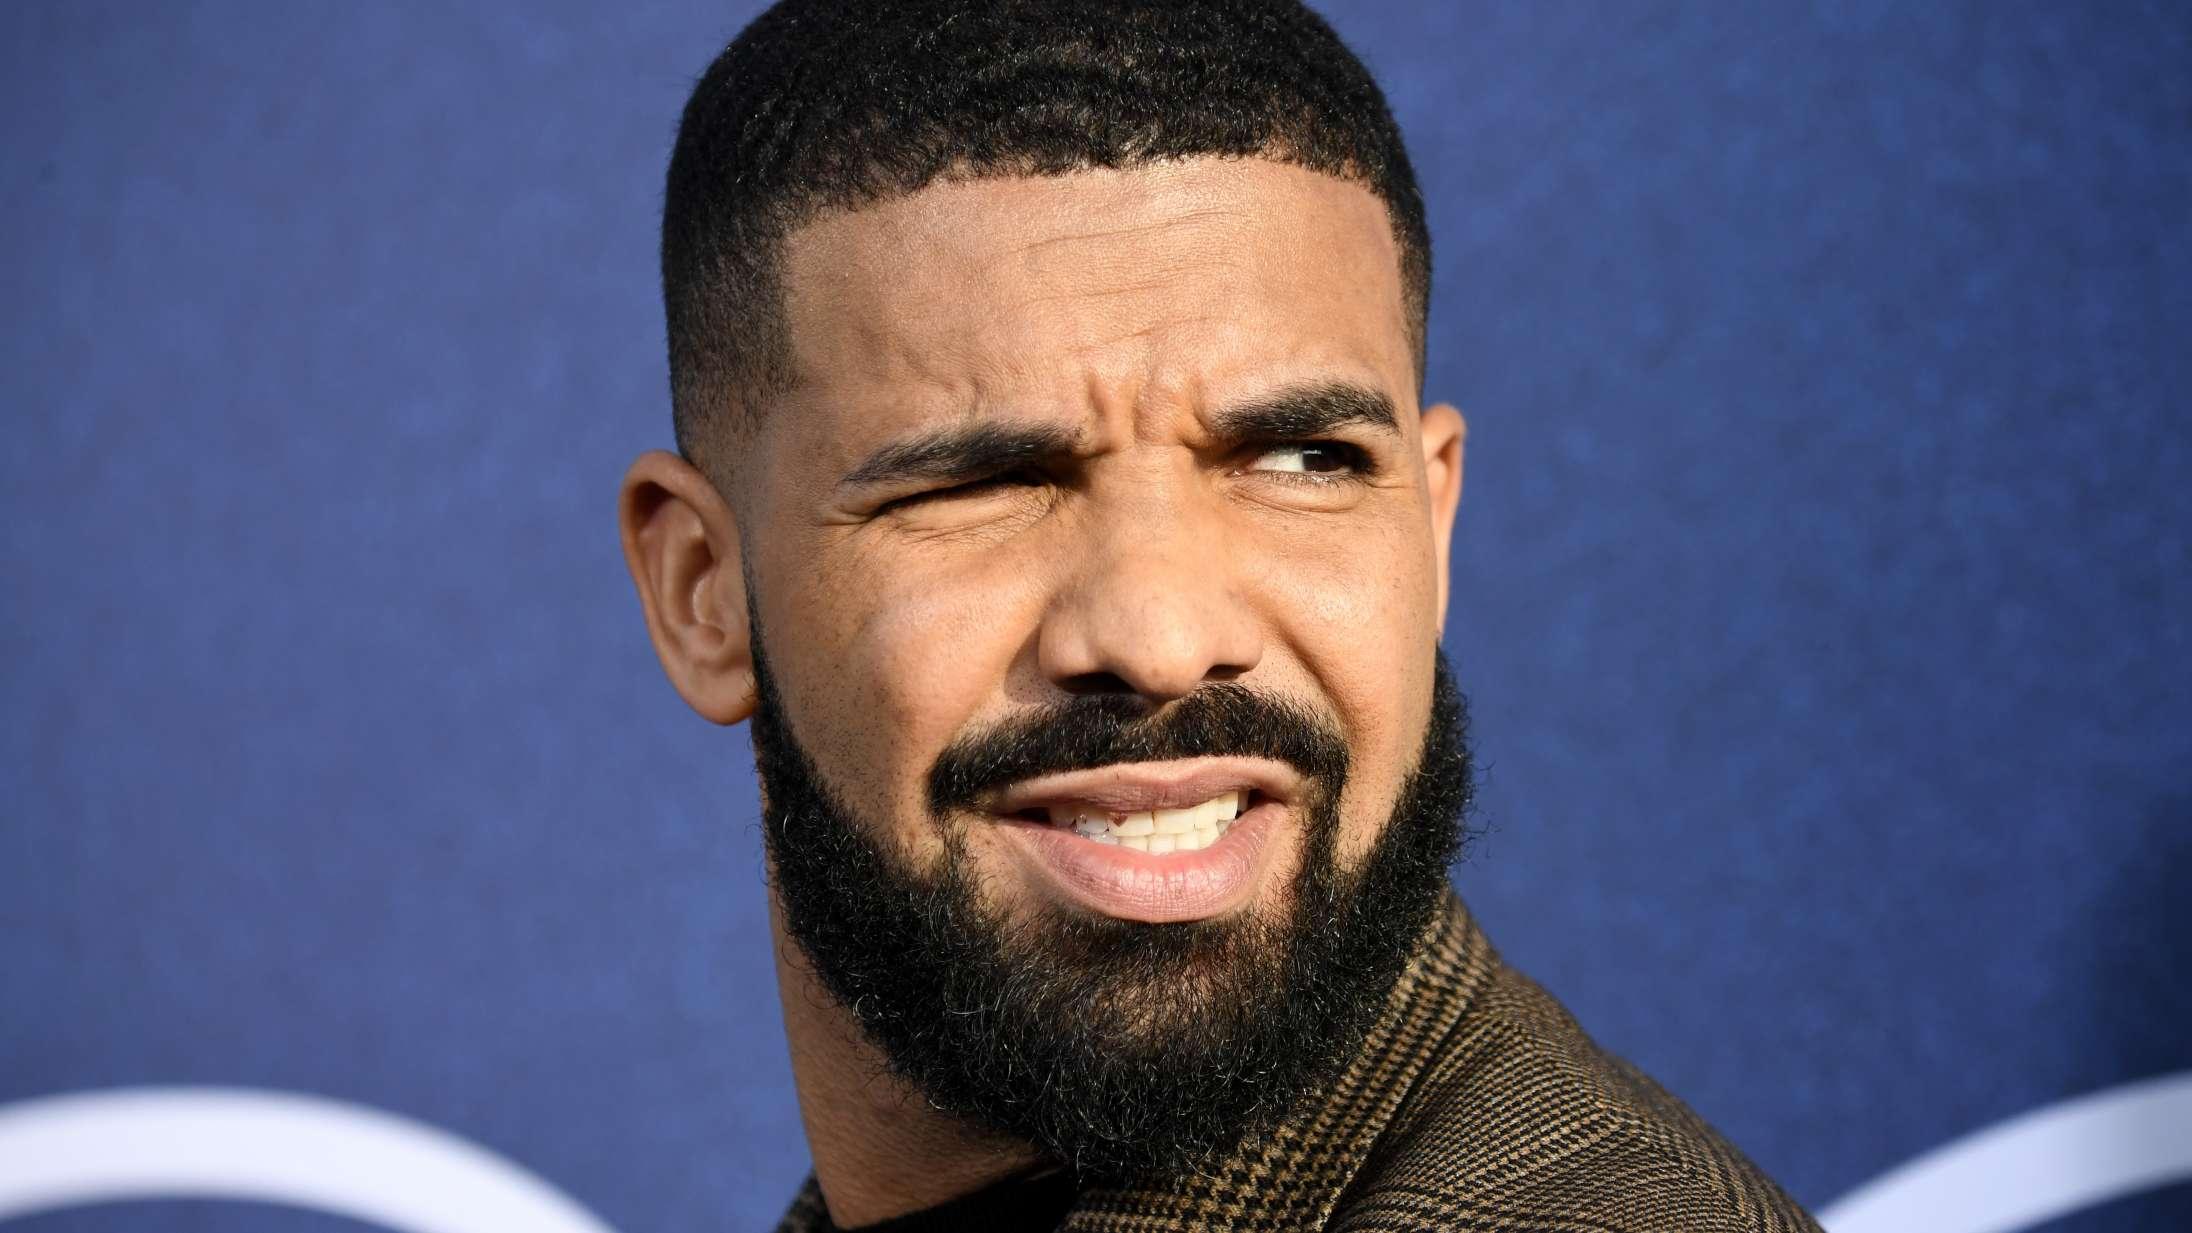 Er jeg den eneste, der ikke er særligt spændt på Drakes nye album?